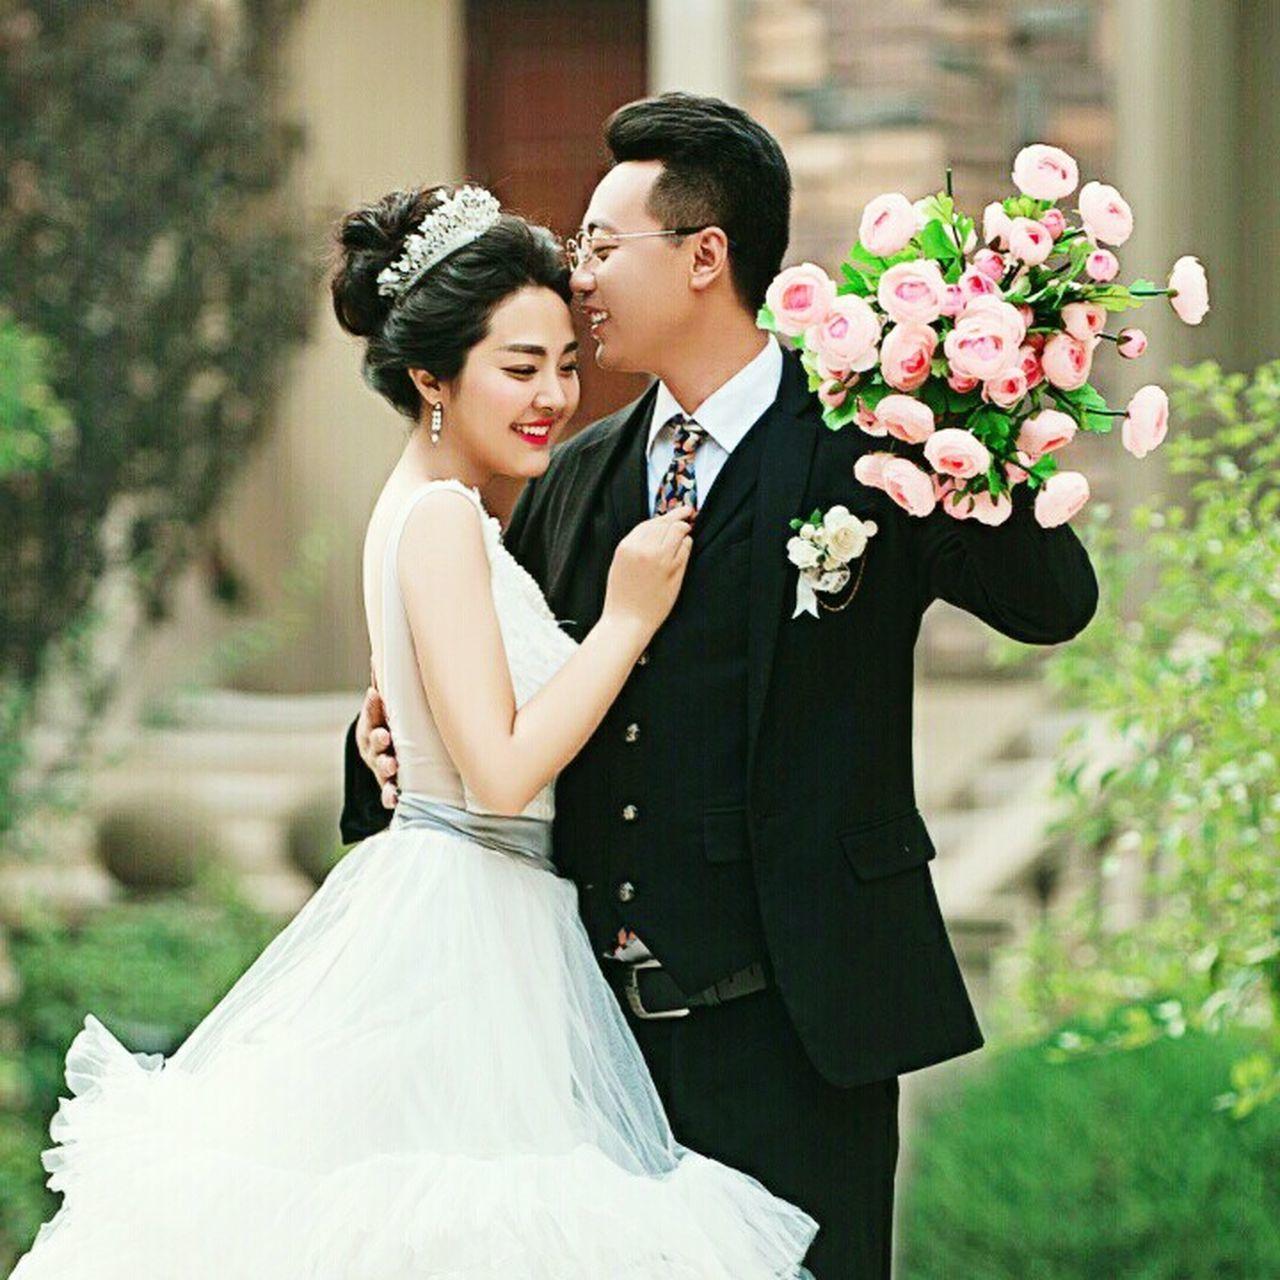 结婚一周年,纪念日。